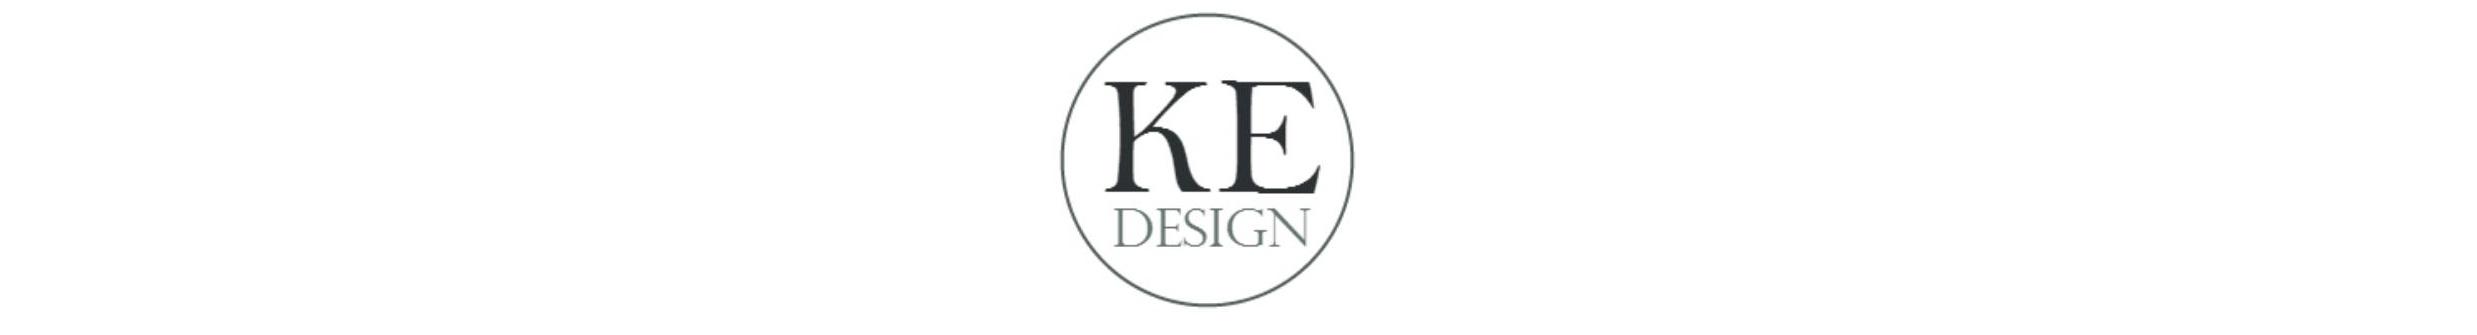 KE Design - Epla